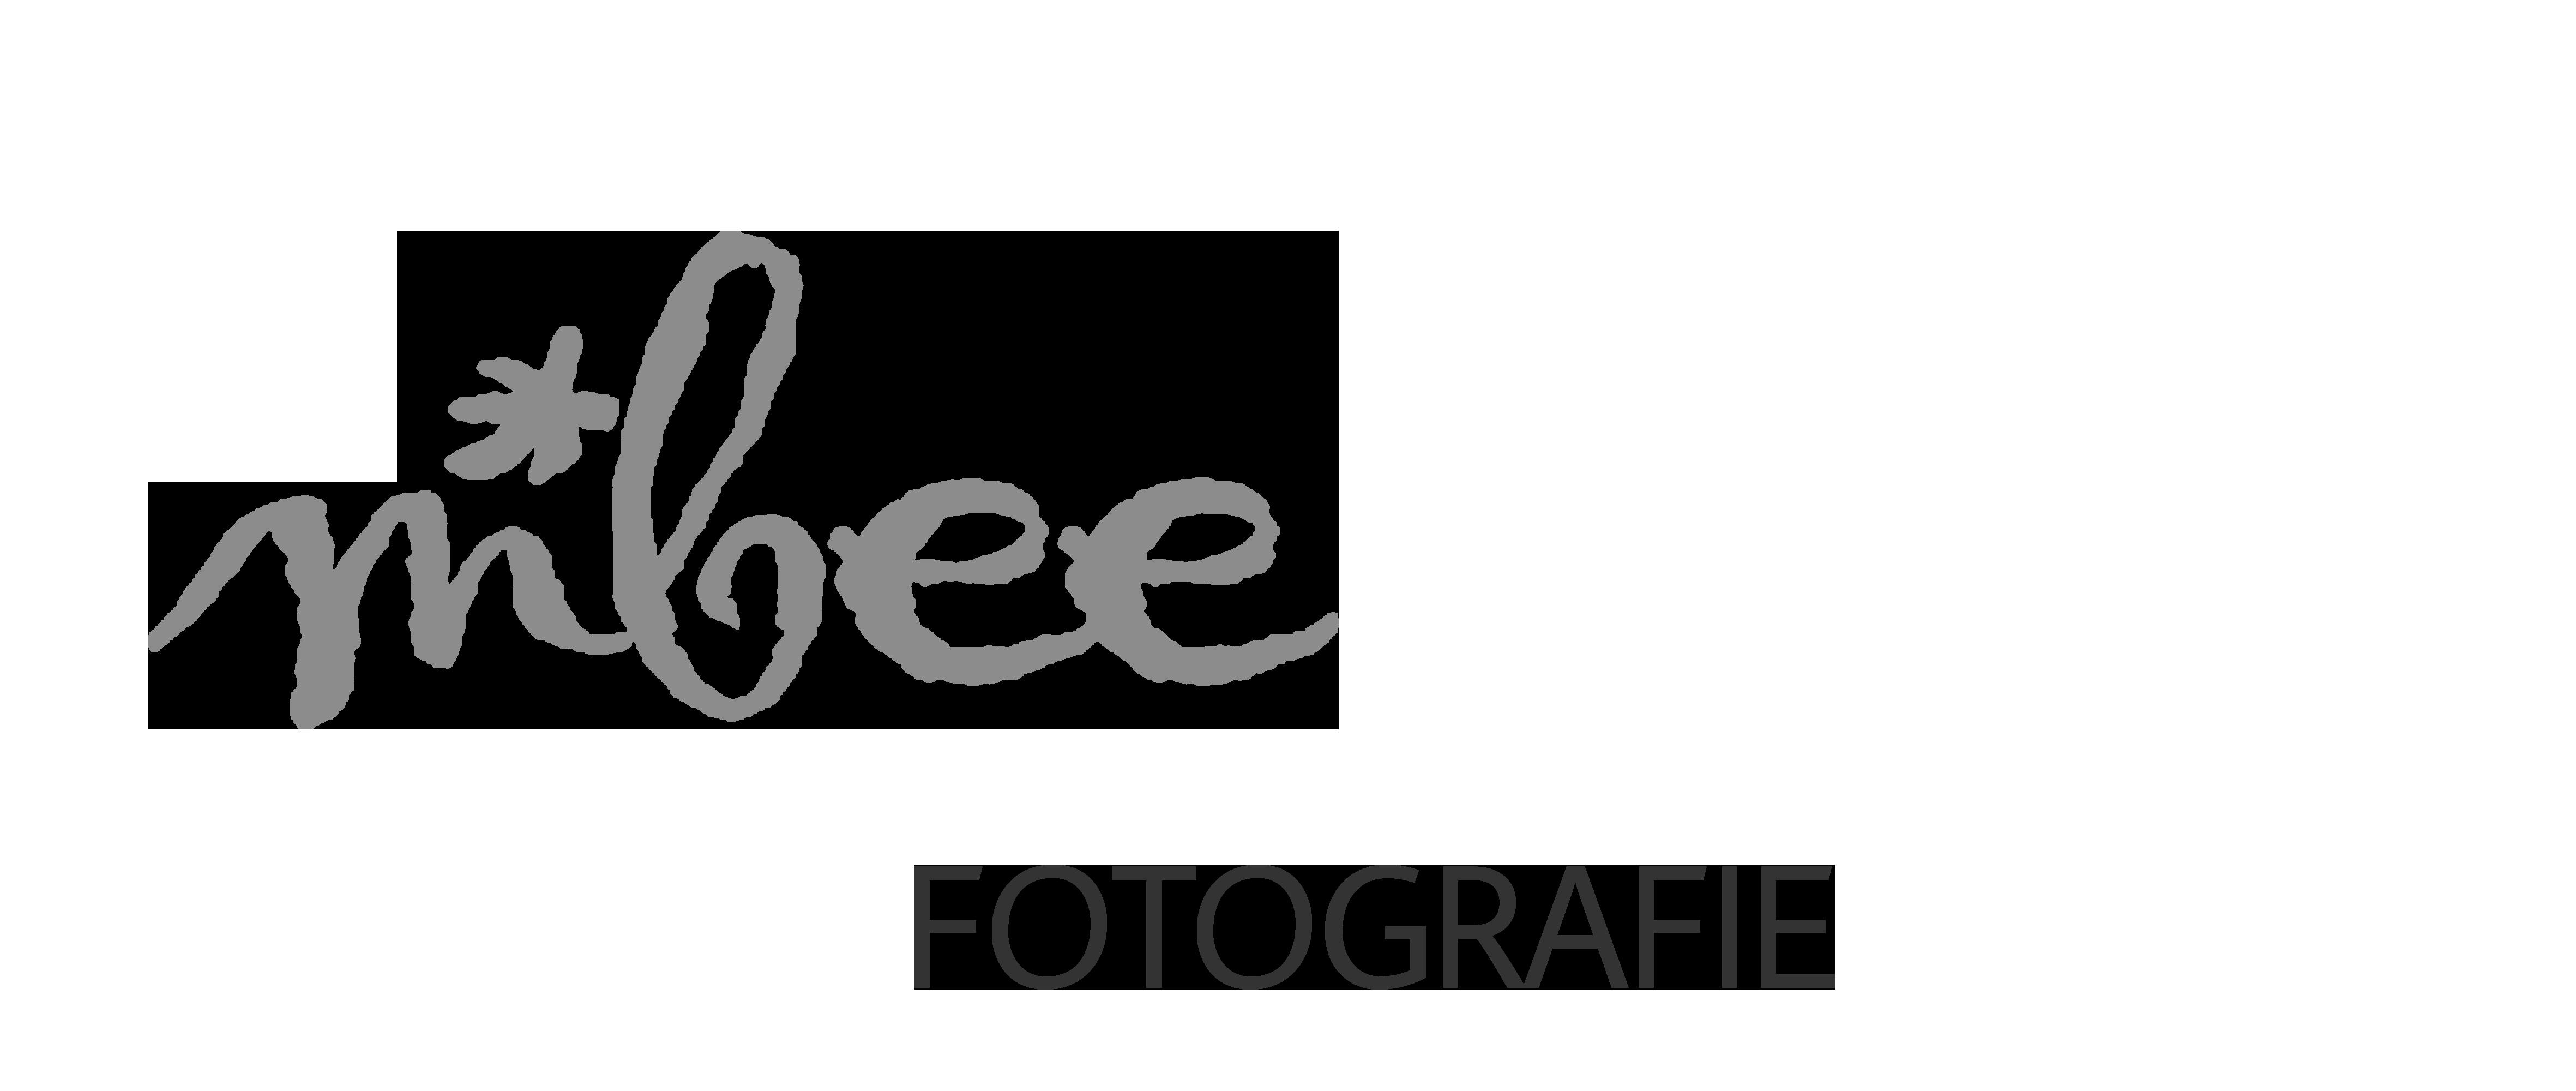 mbee Fotografie